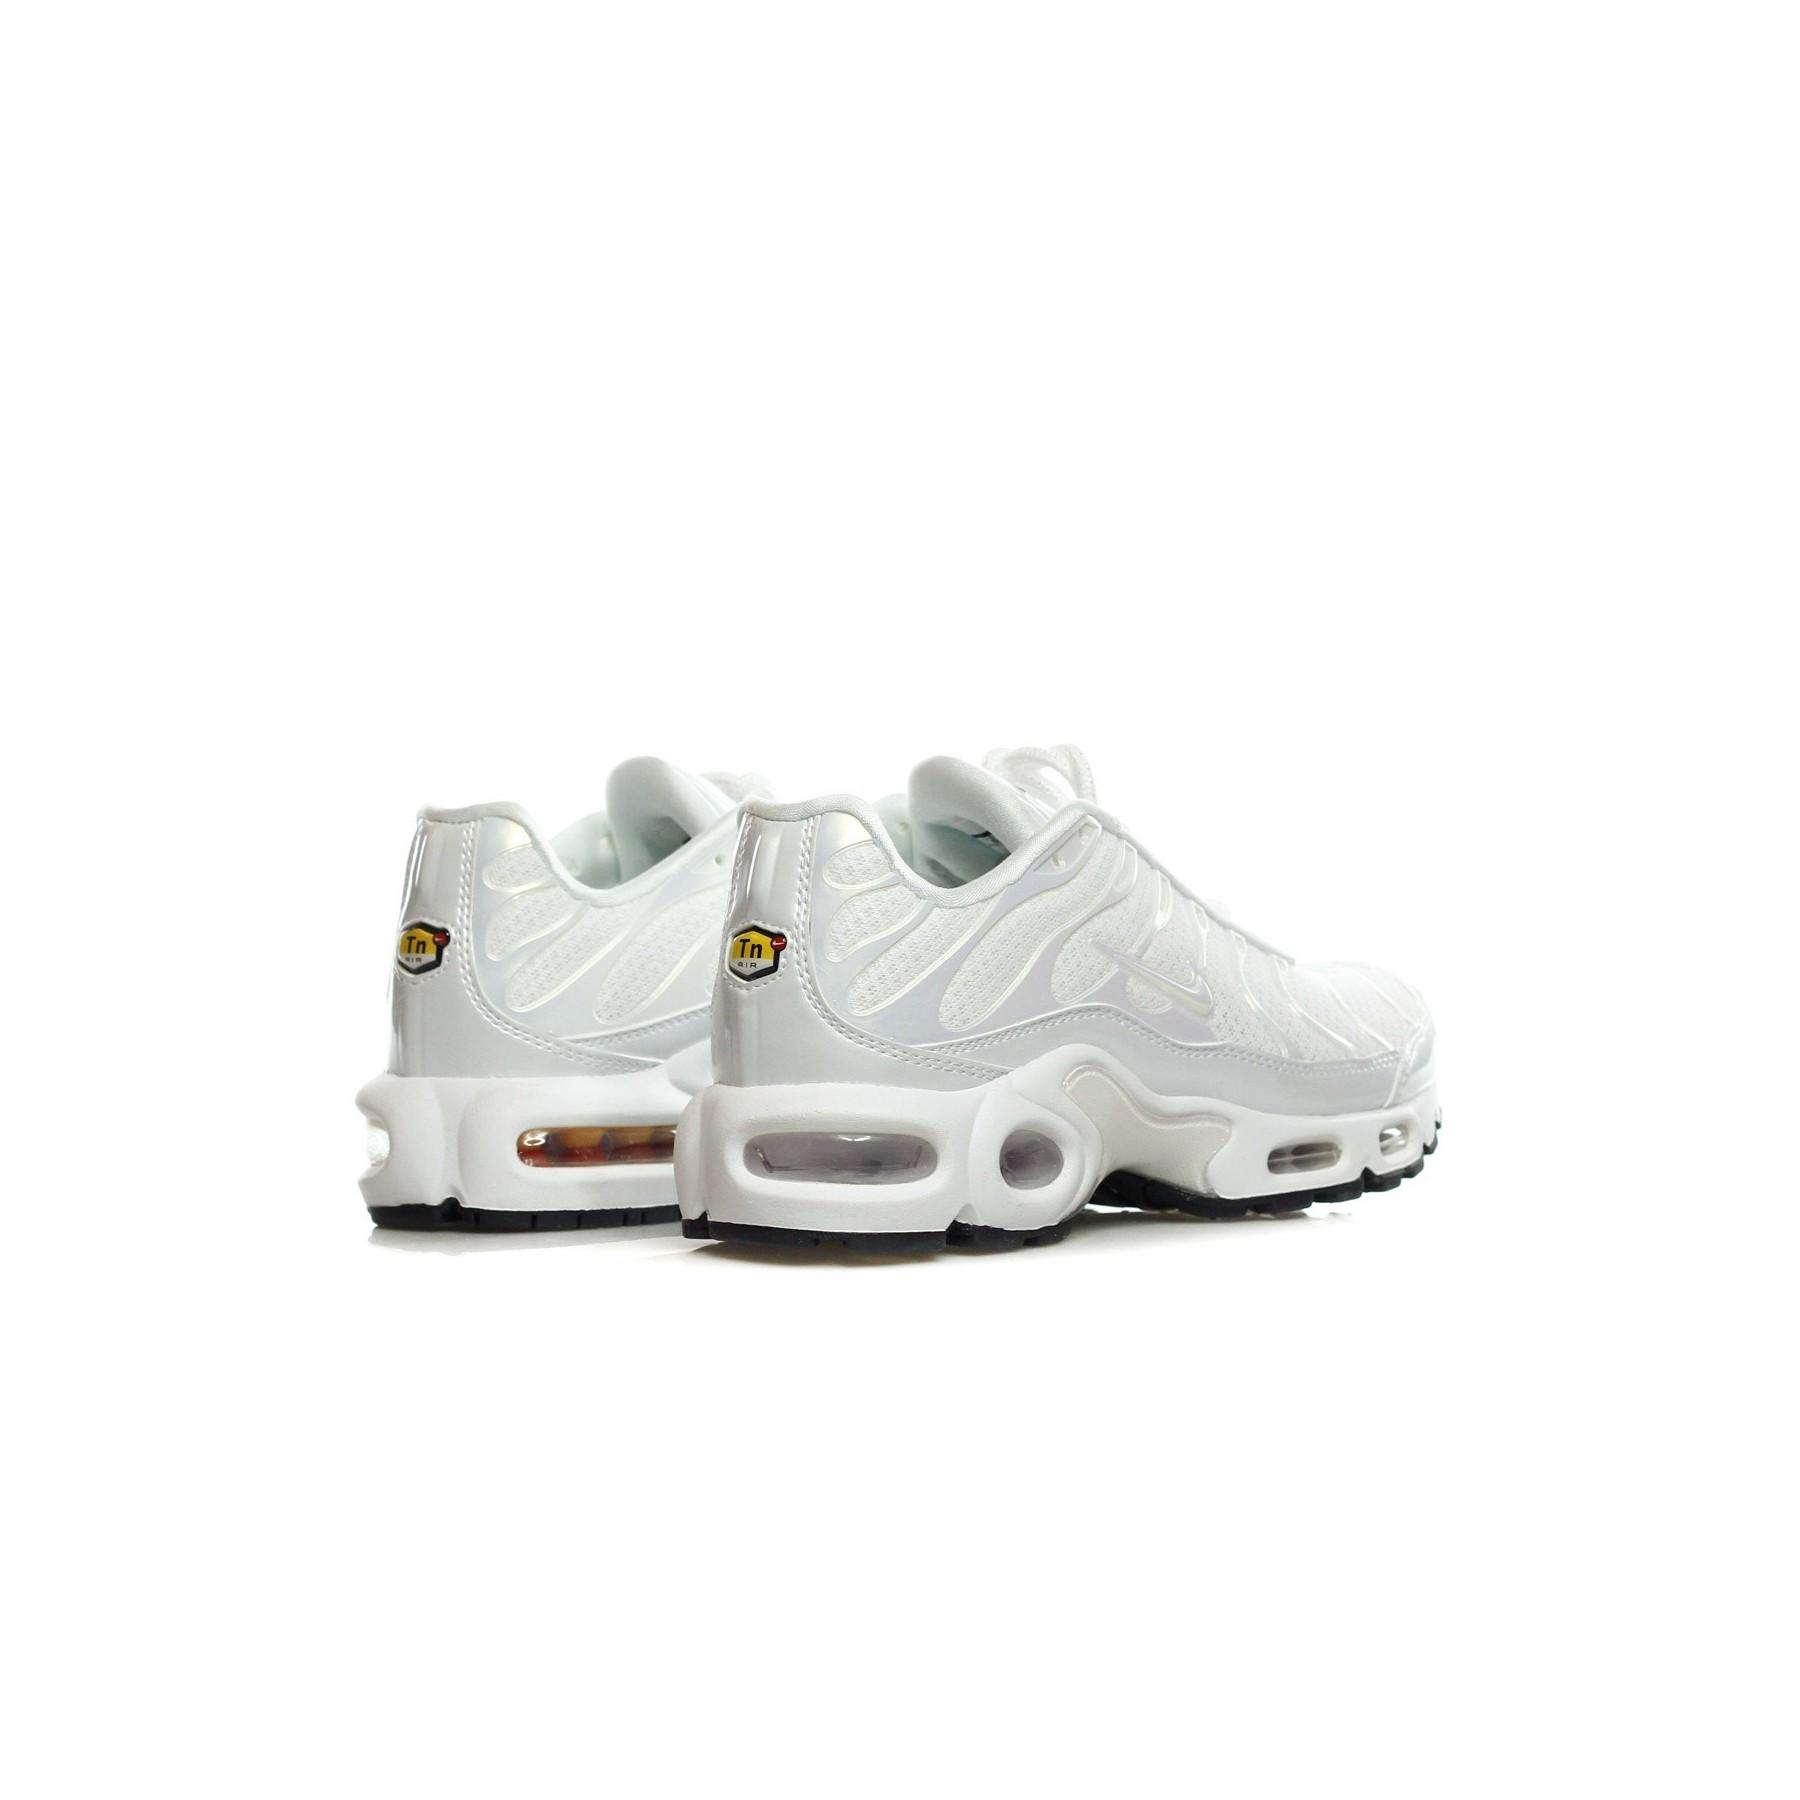 Nike SCARPA BASSA WMNS AIR MAX PLUS PRM WHITEWHITEWHITE